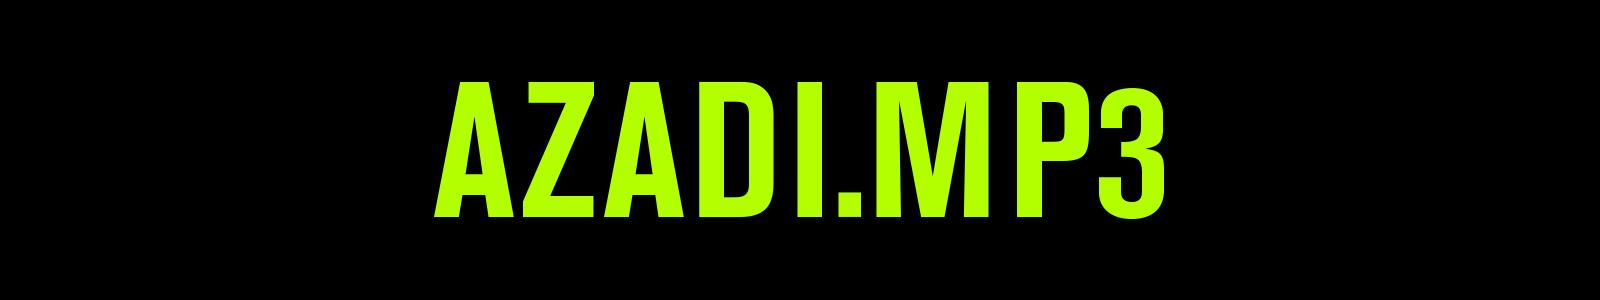 Azadi.mp3.png